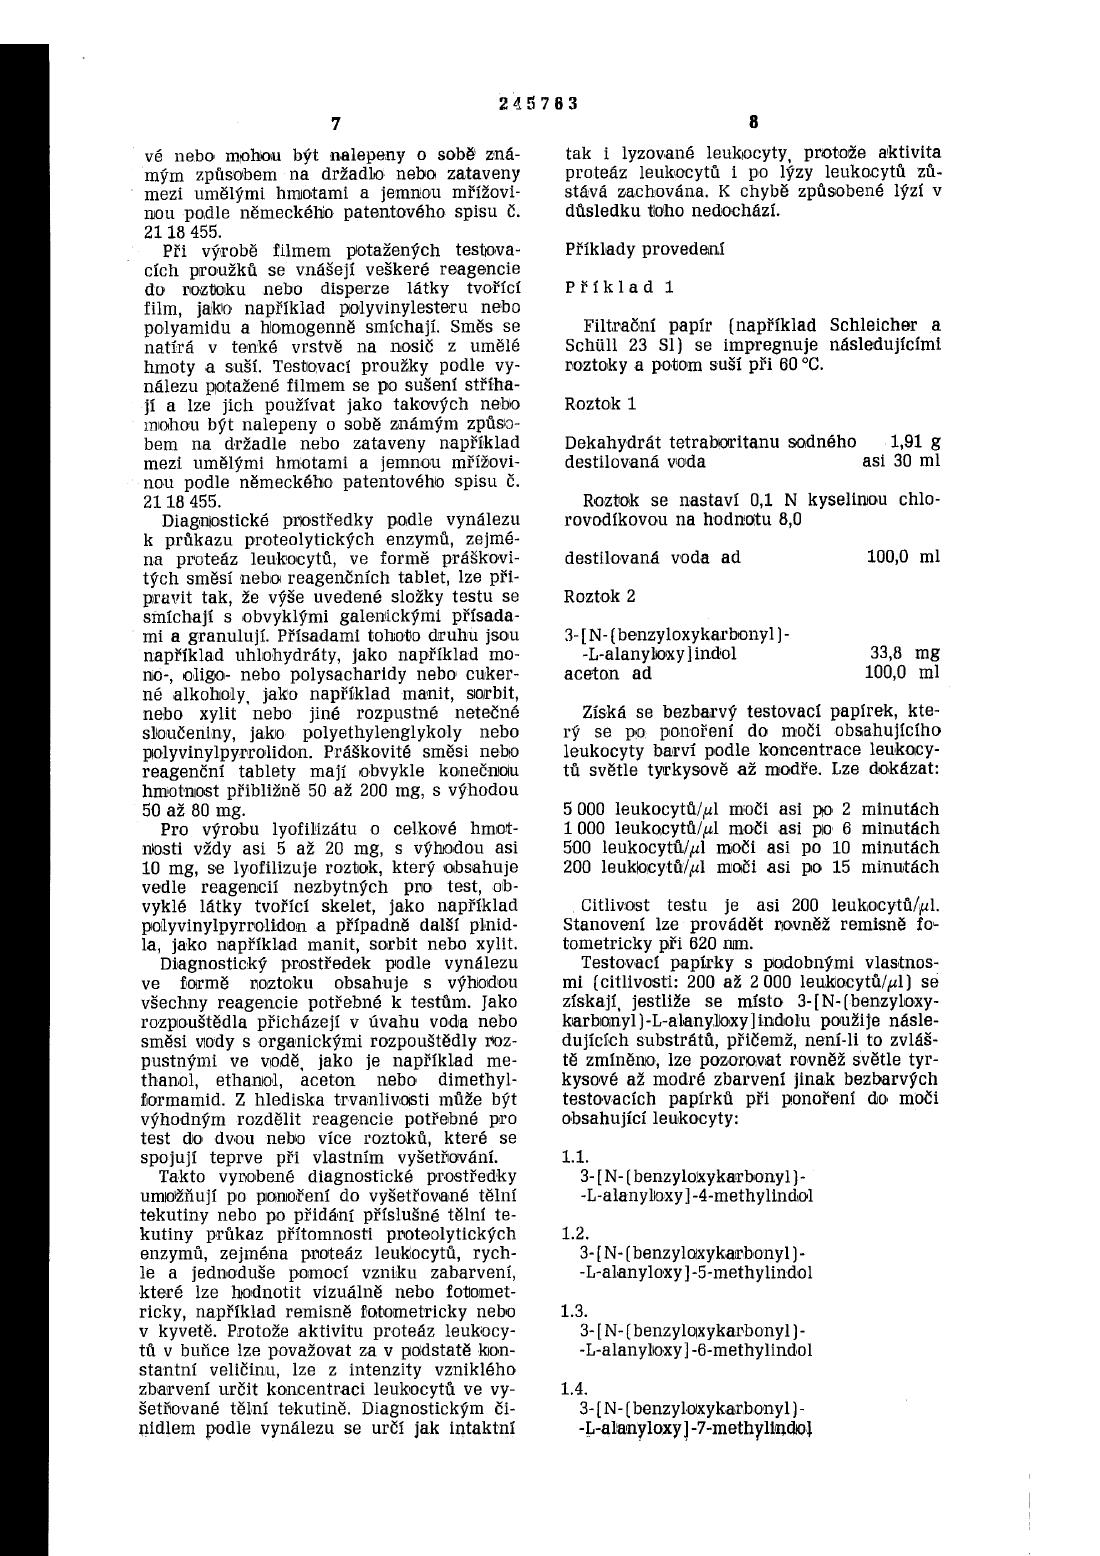 Prostredek K Prukazu Proteolytickych Enzymu 16 01 1986 245763